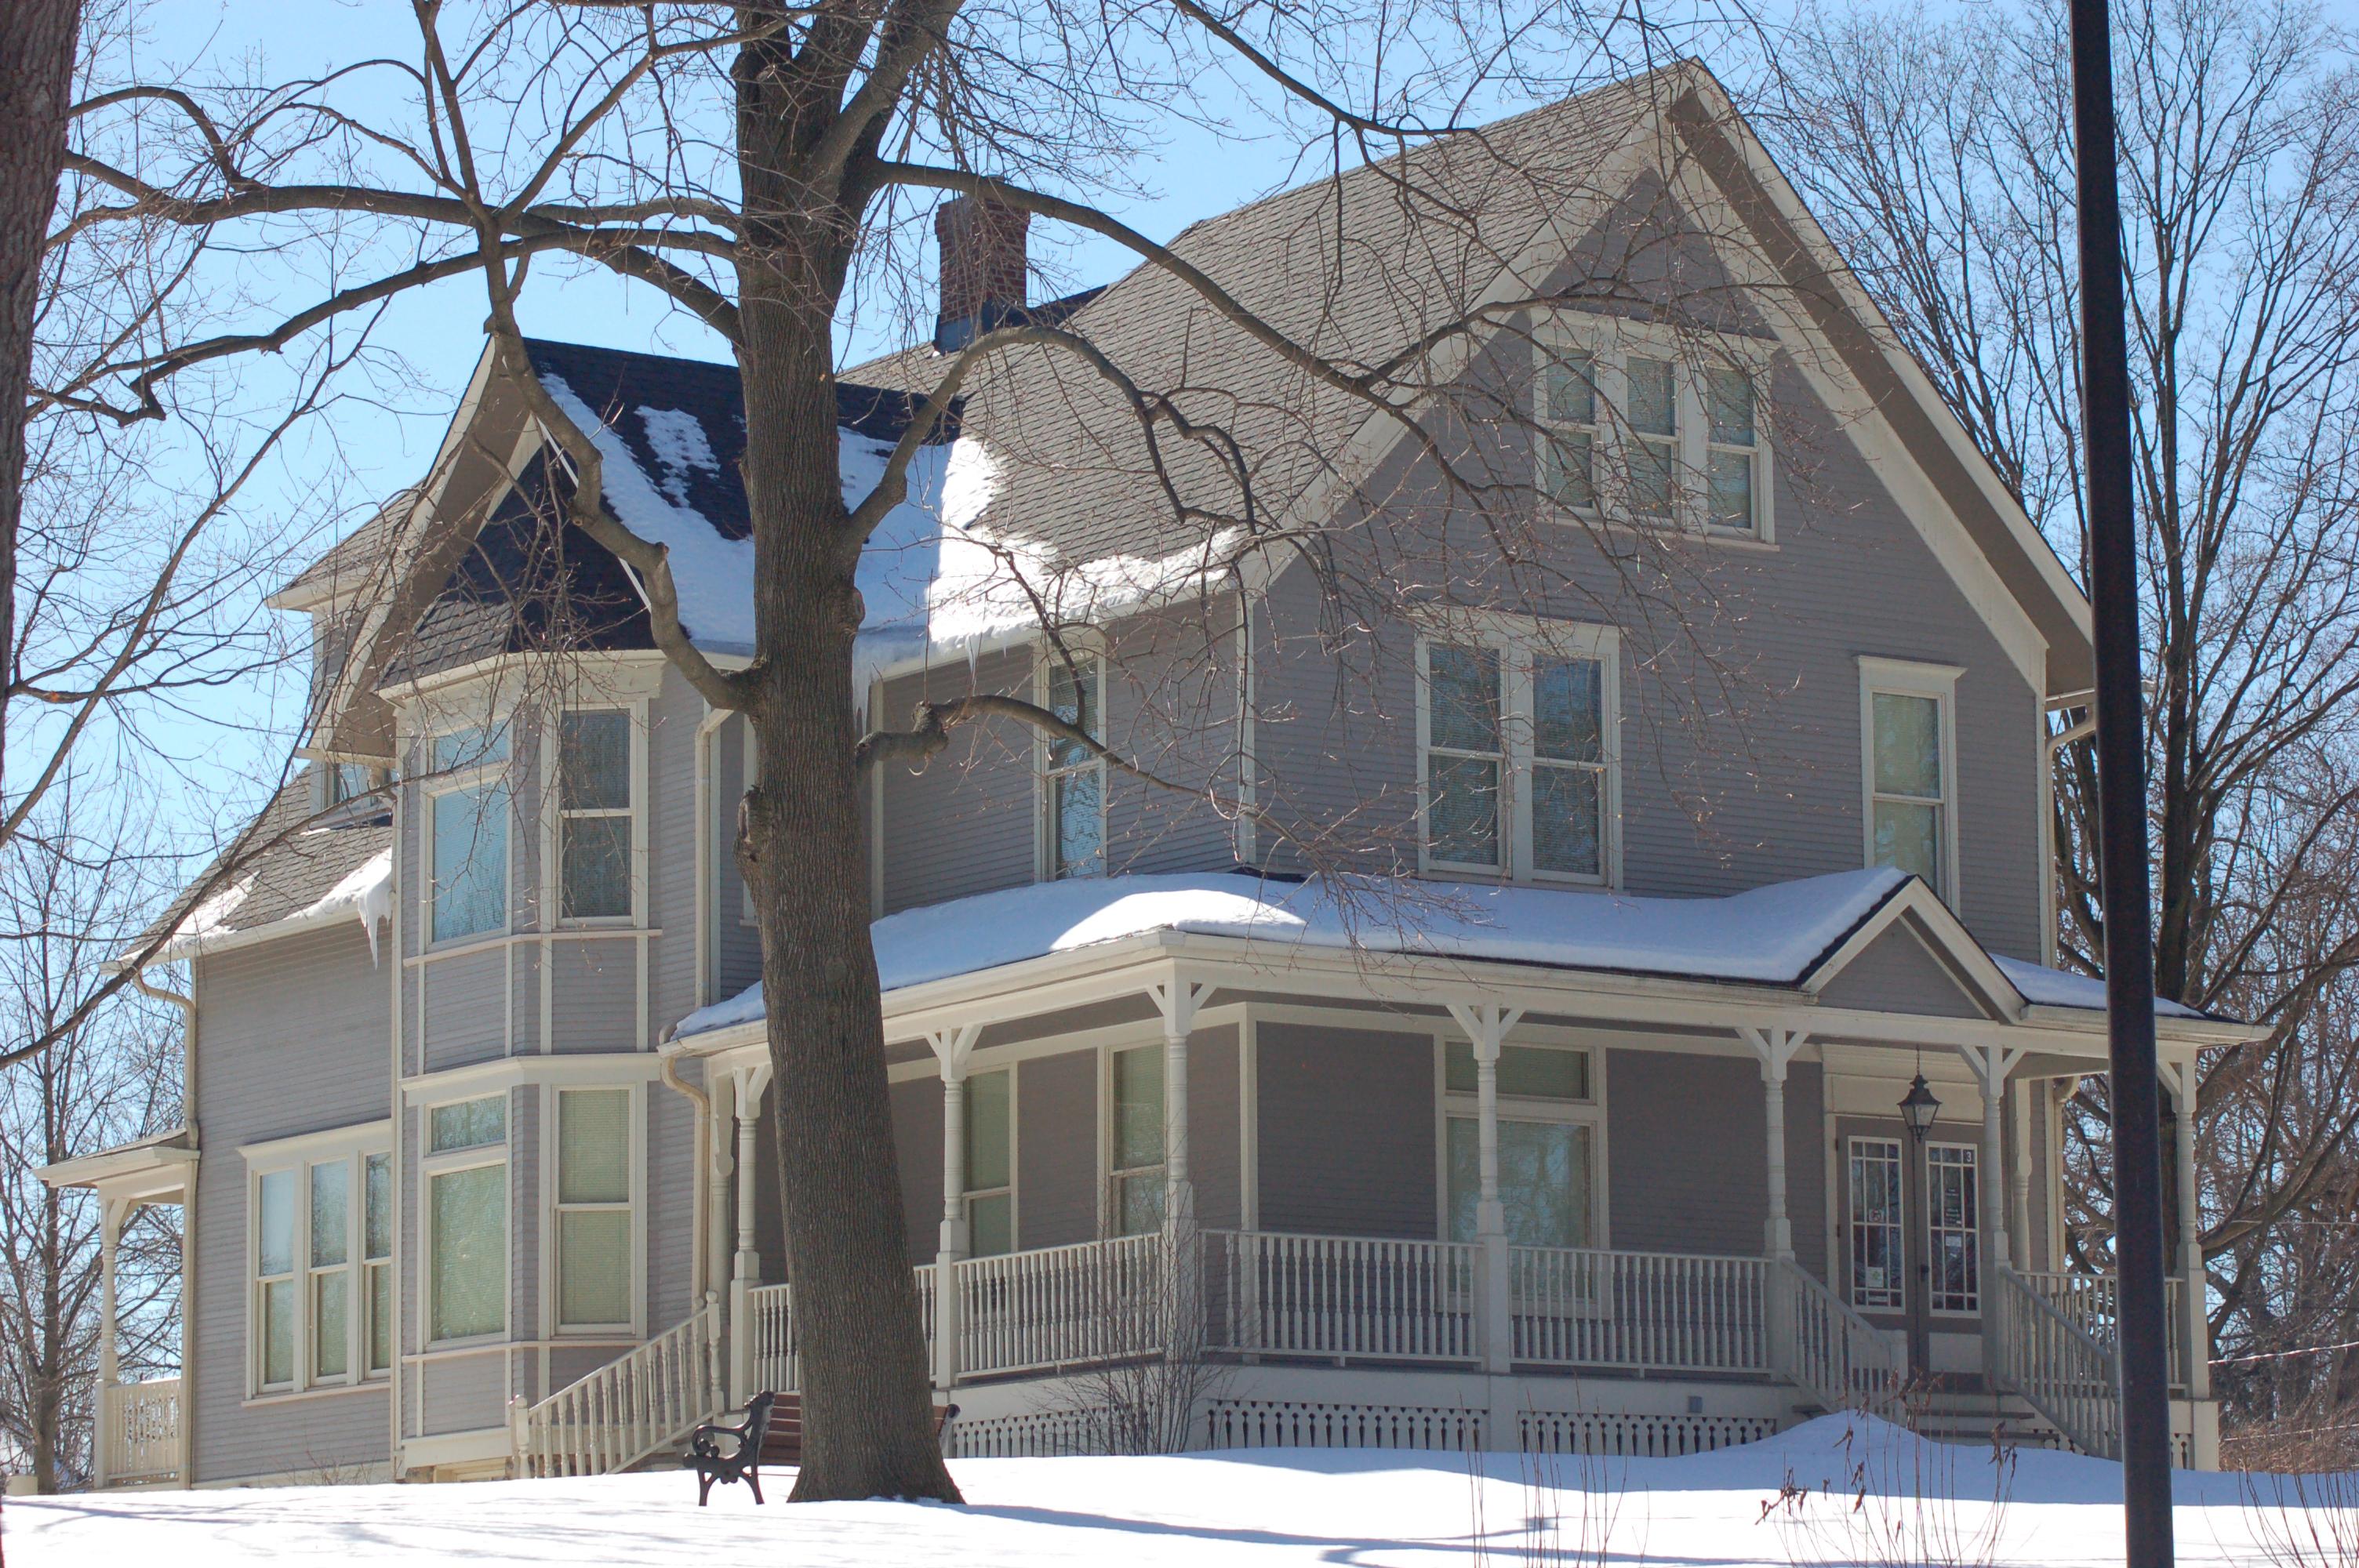 Blodgett House Winter